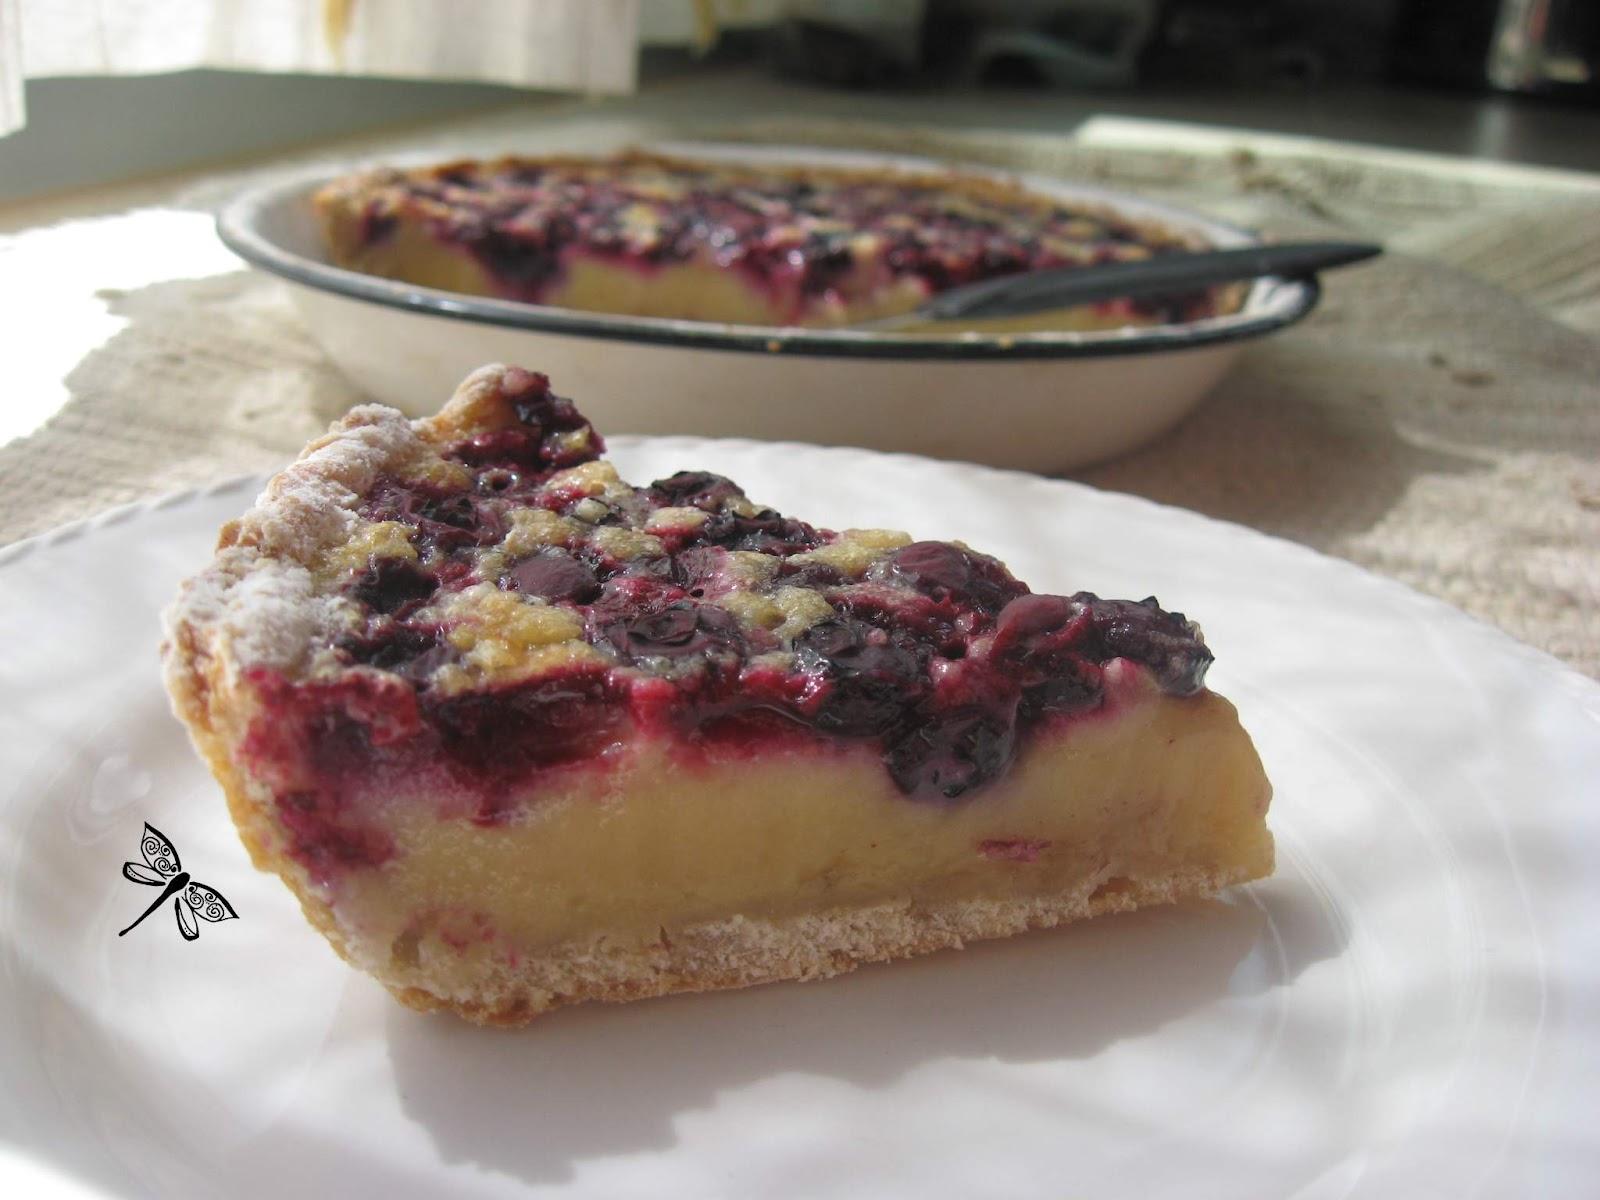 Libellule et ses spatules tarte au sucre la cr me et aux bleuets sans framboises de laurent - Tarte aux poireaux sans creme ...